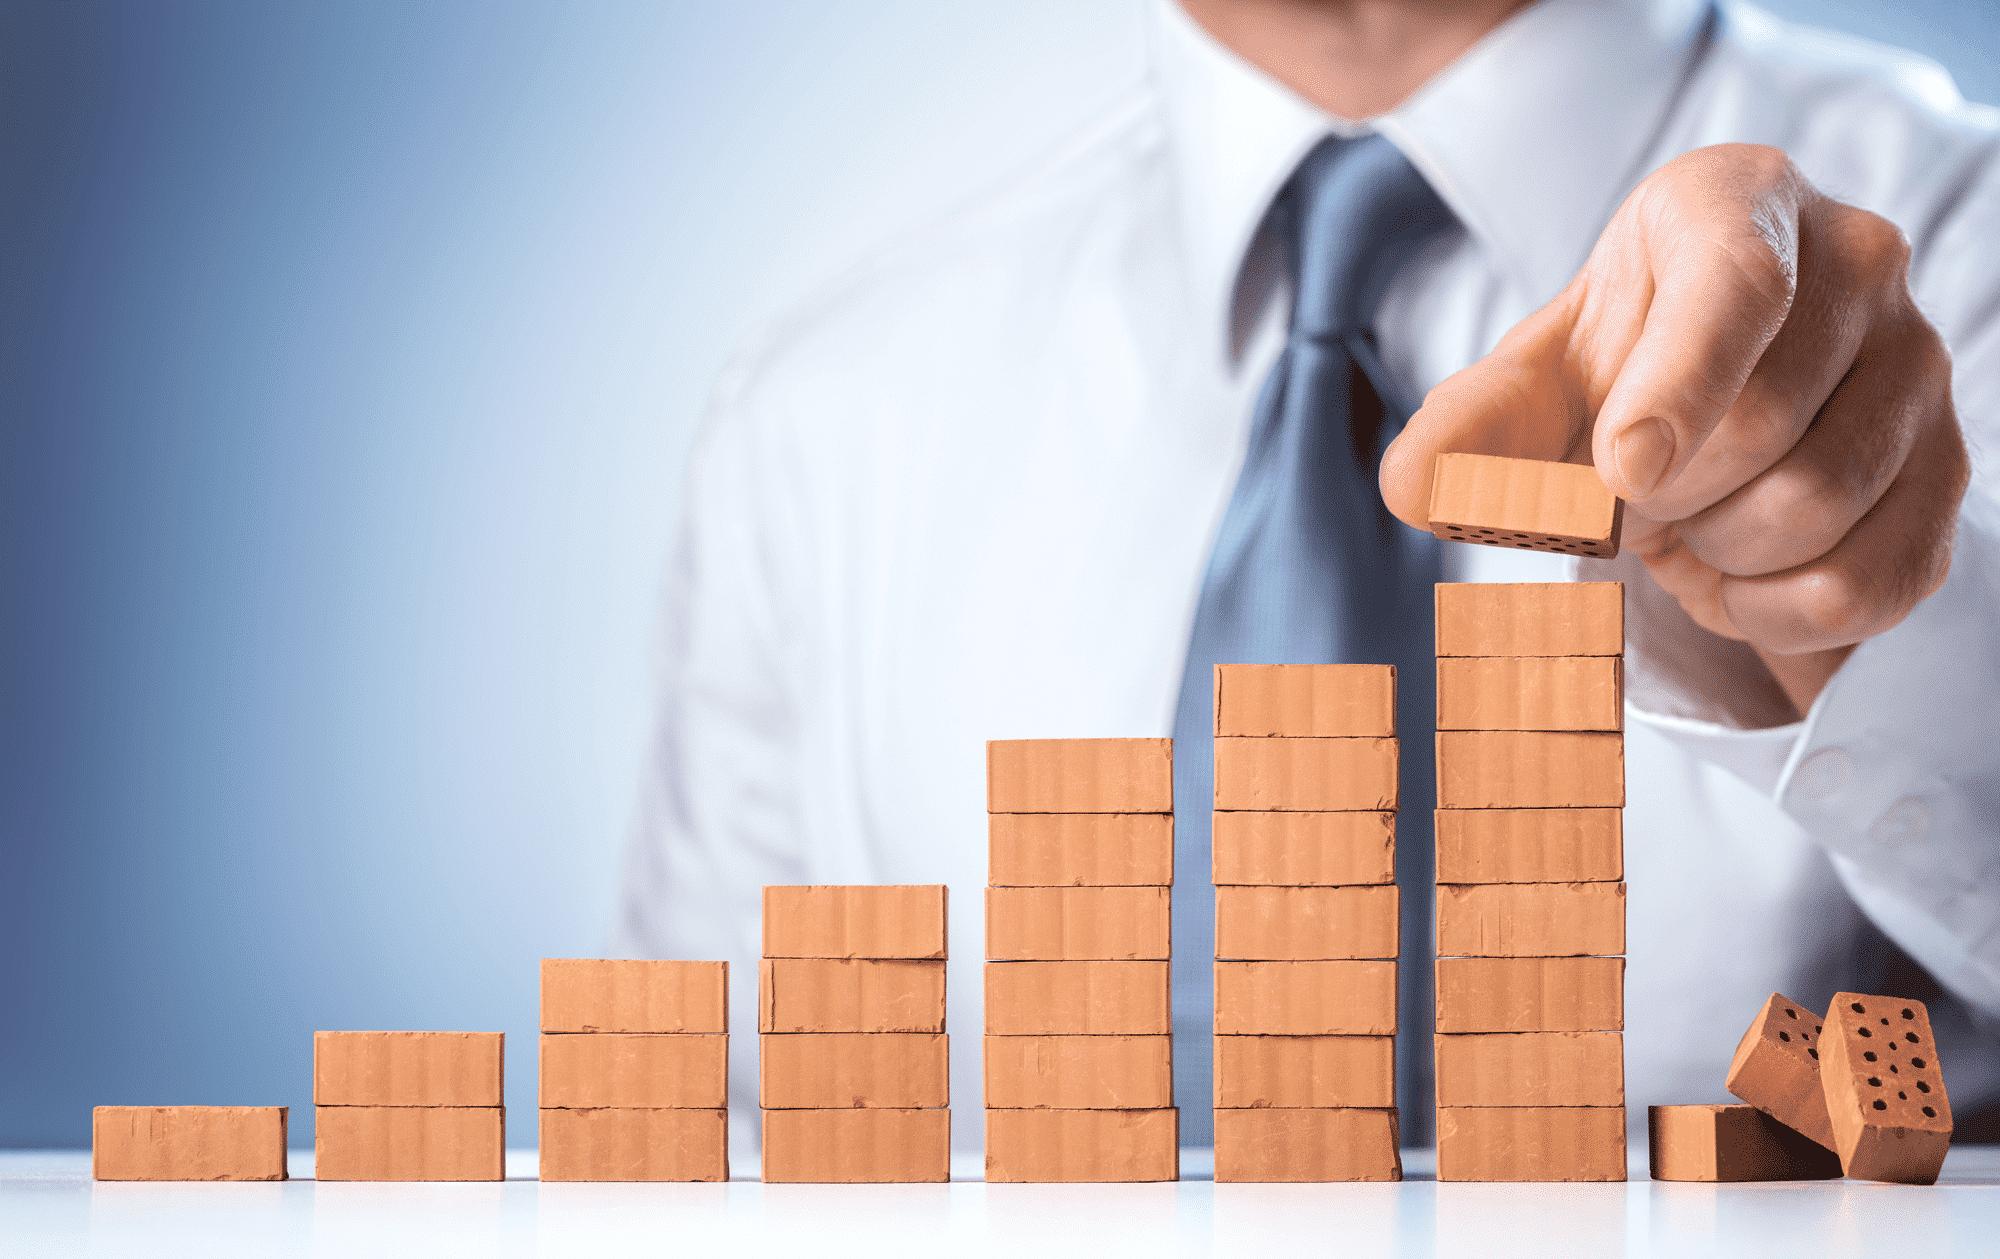 Behaal je doelstellingen sneller, slimmer | 5 doeltreffende tips